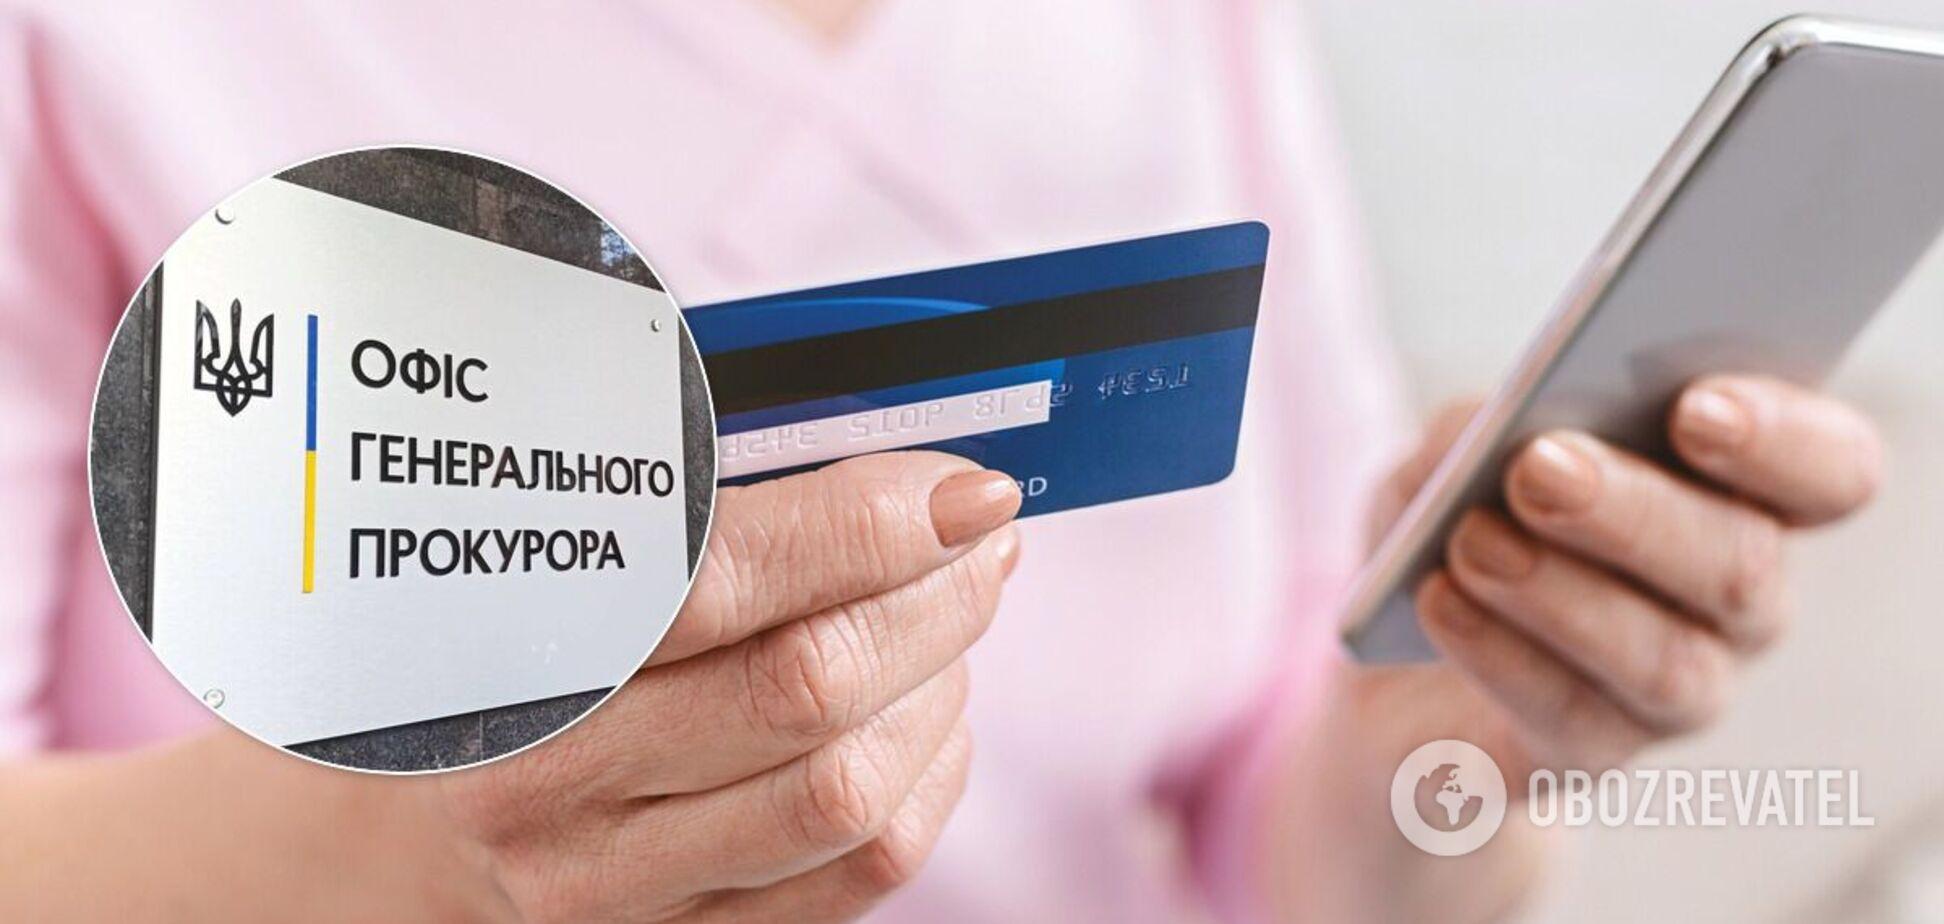 Шахраї з України виманювали по 10 млн євро у громадян ЕС: в ОГП ведуть розслідування